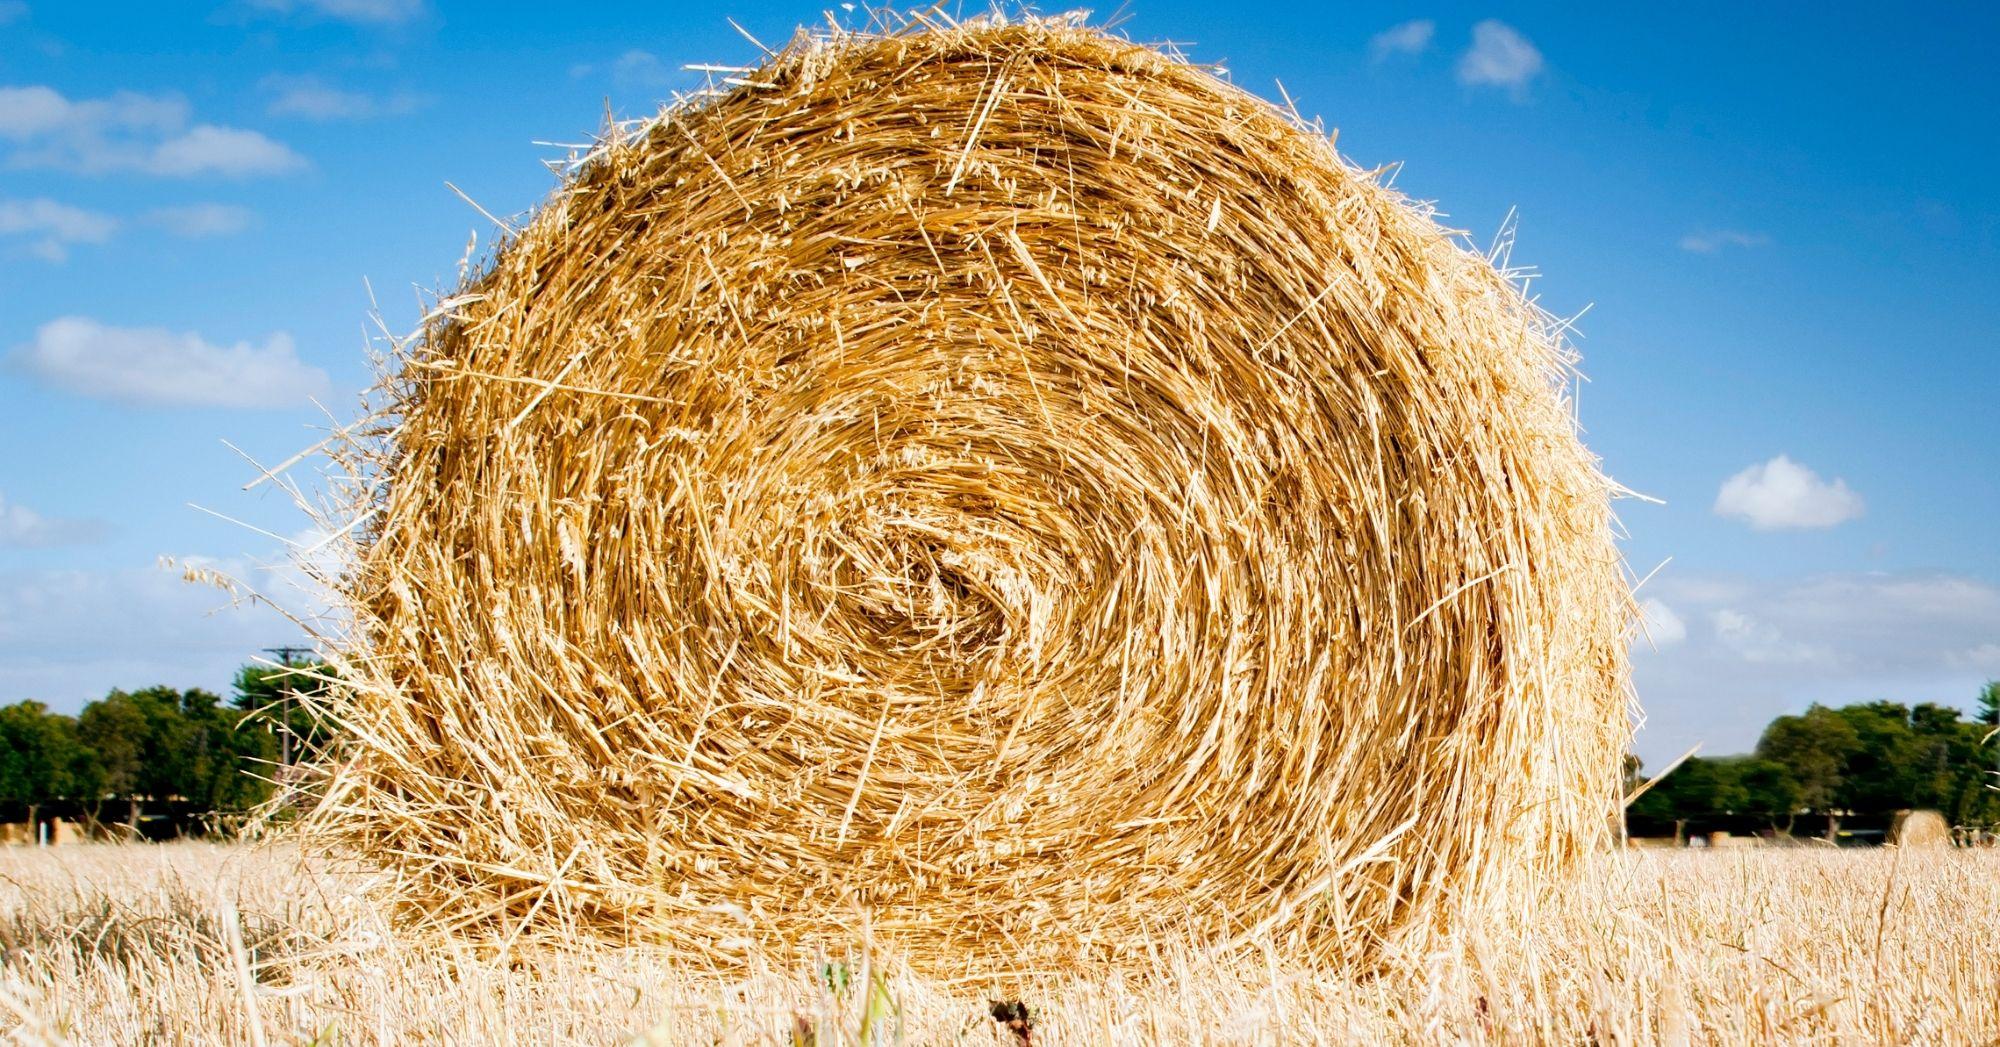 動物 タンパク質 草食 草食動物は、どうやってタンパク質を取るのか?